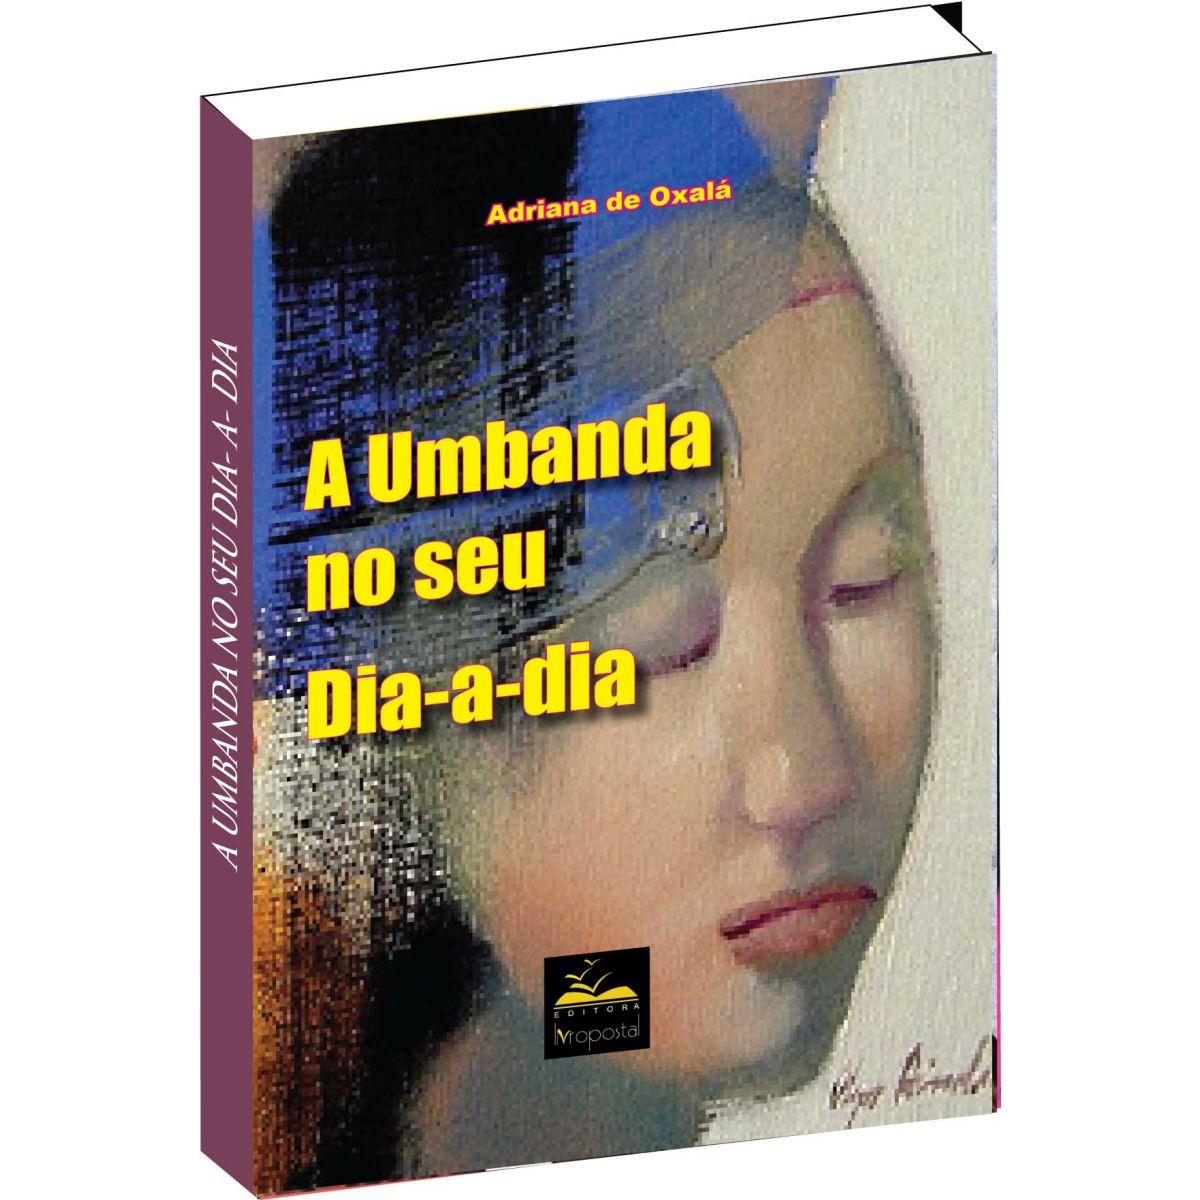 Brinde na compra de 2 livros - A Umbanda no seu dia-a-dia  - Livropostal Editora